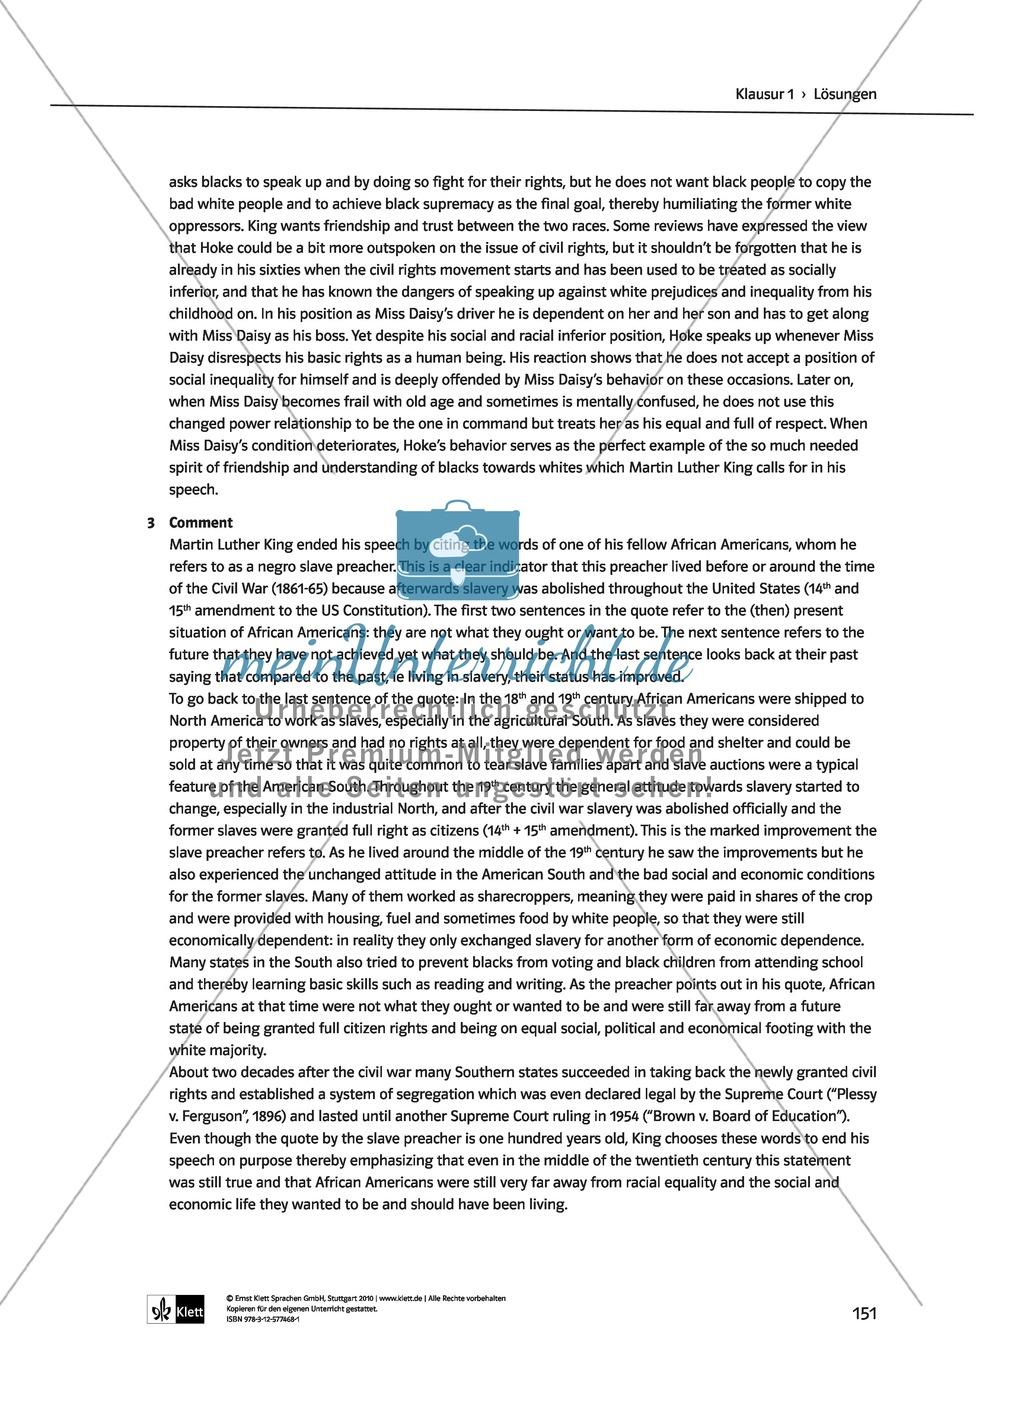 Driving Miss Daisy: Lernziele + Inhalt + Arbeitsblätter + Klausur + Lösungen Preview 44